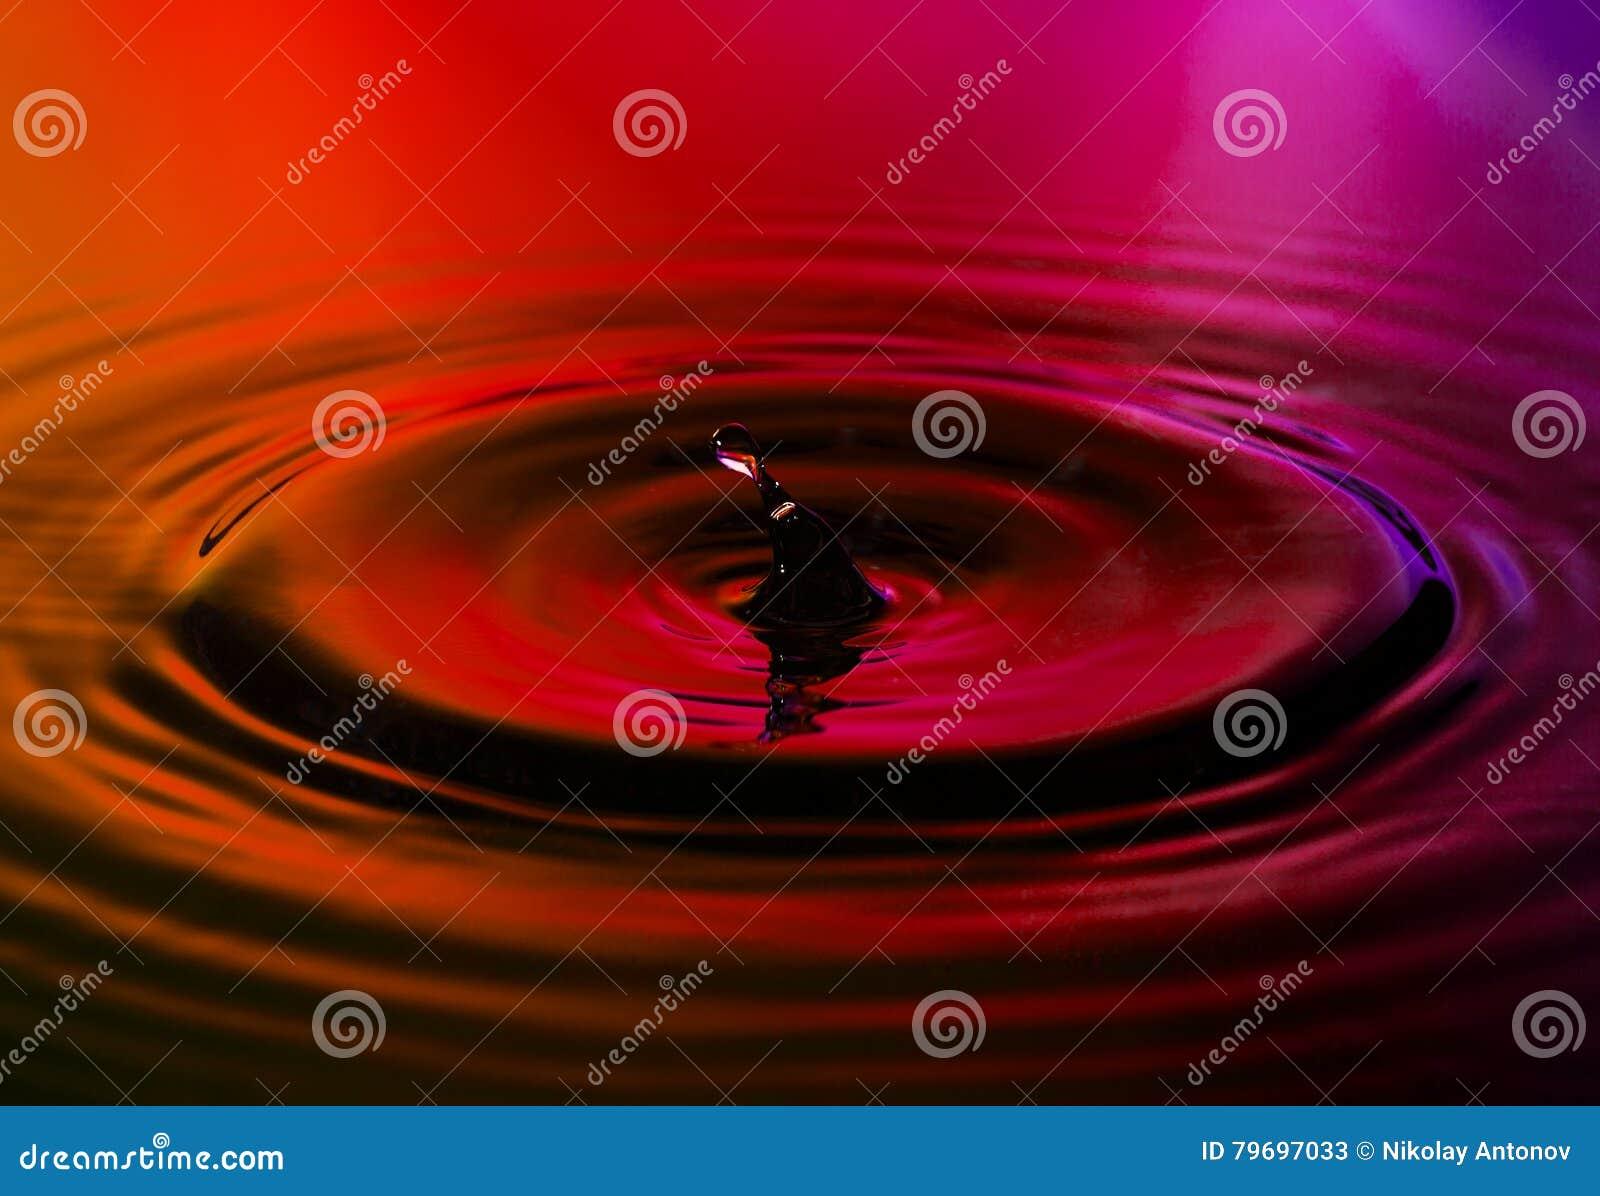 Foto astratta di goccia di acqua su fondo piacevole